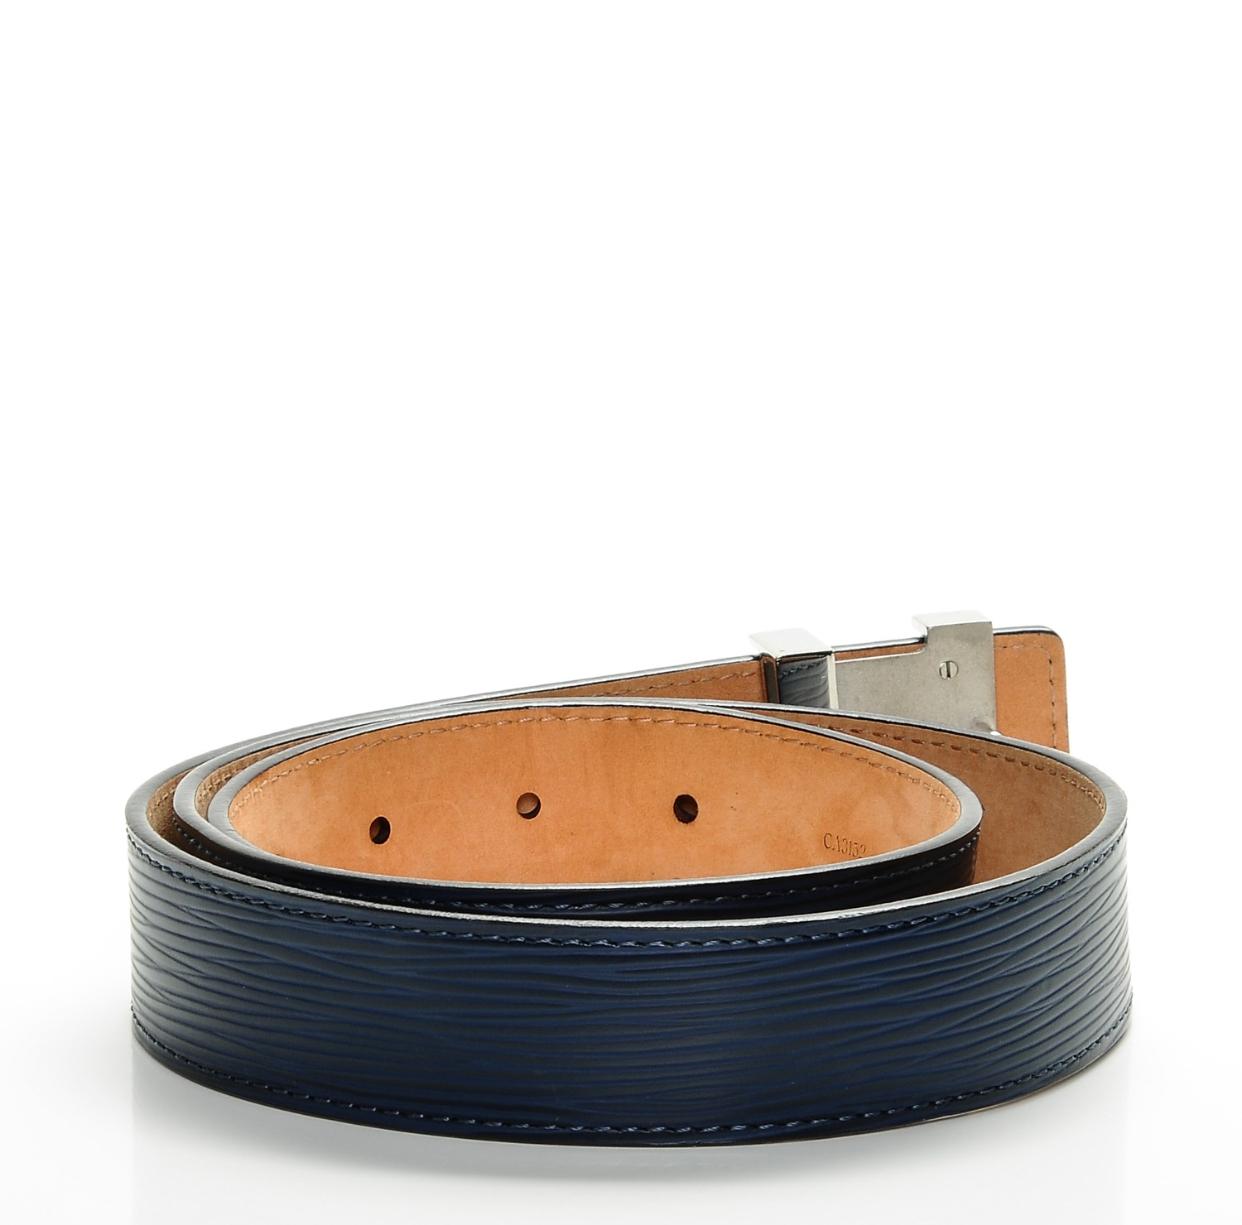 d7e338dd39a1 Louis Vuitton Initiales 30mm Indigo Epi Leather Belt